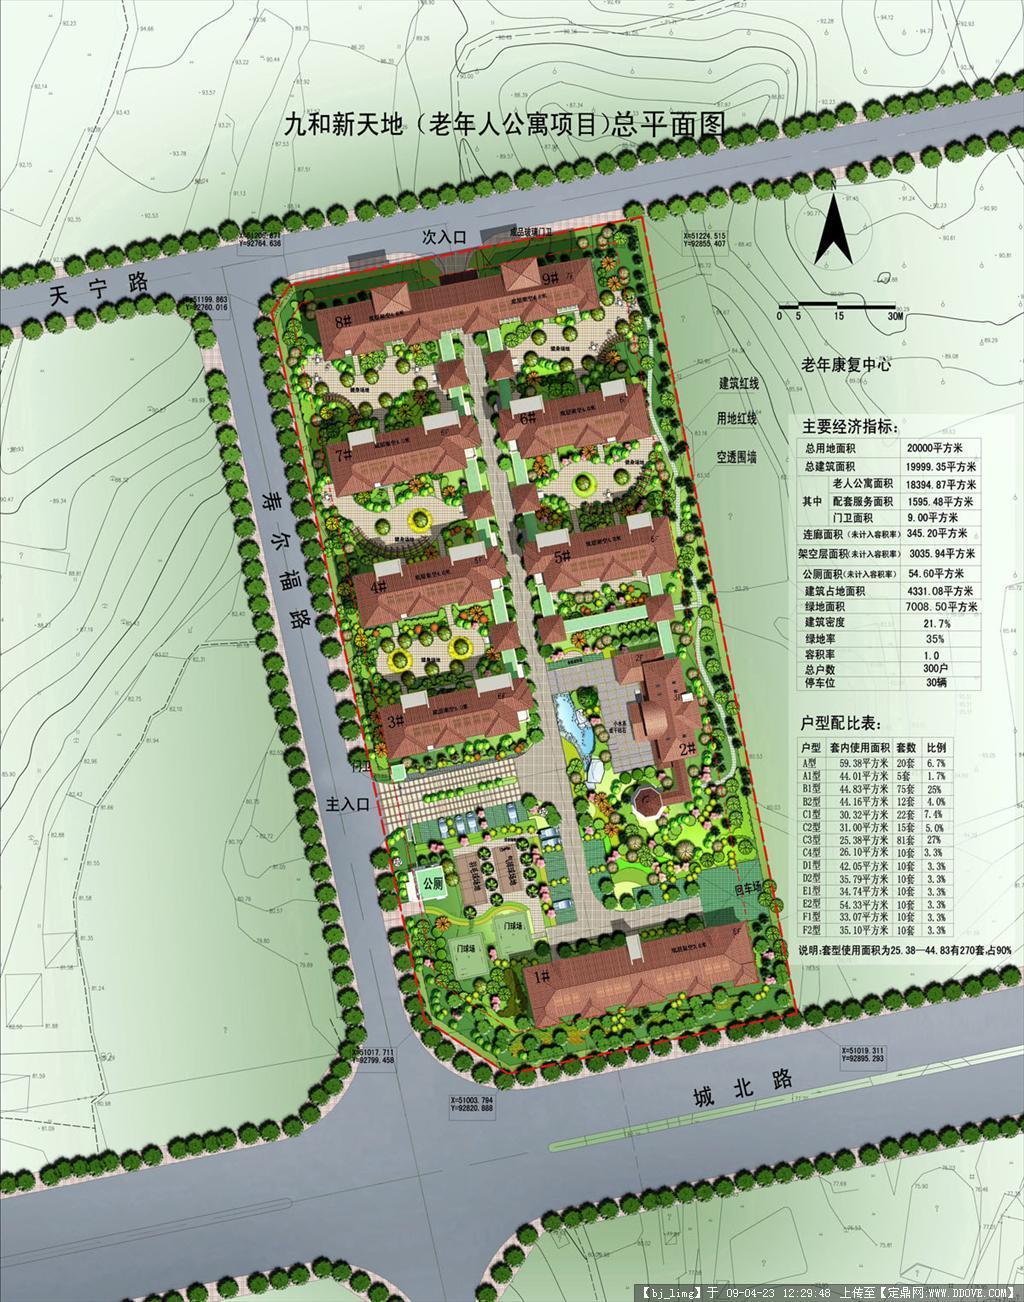 九和老年公寓规划总平面图